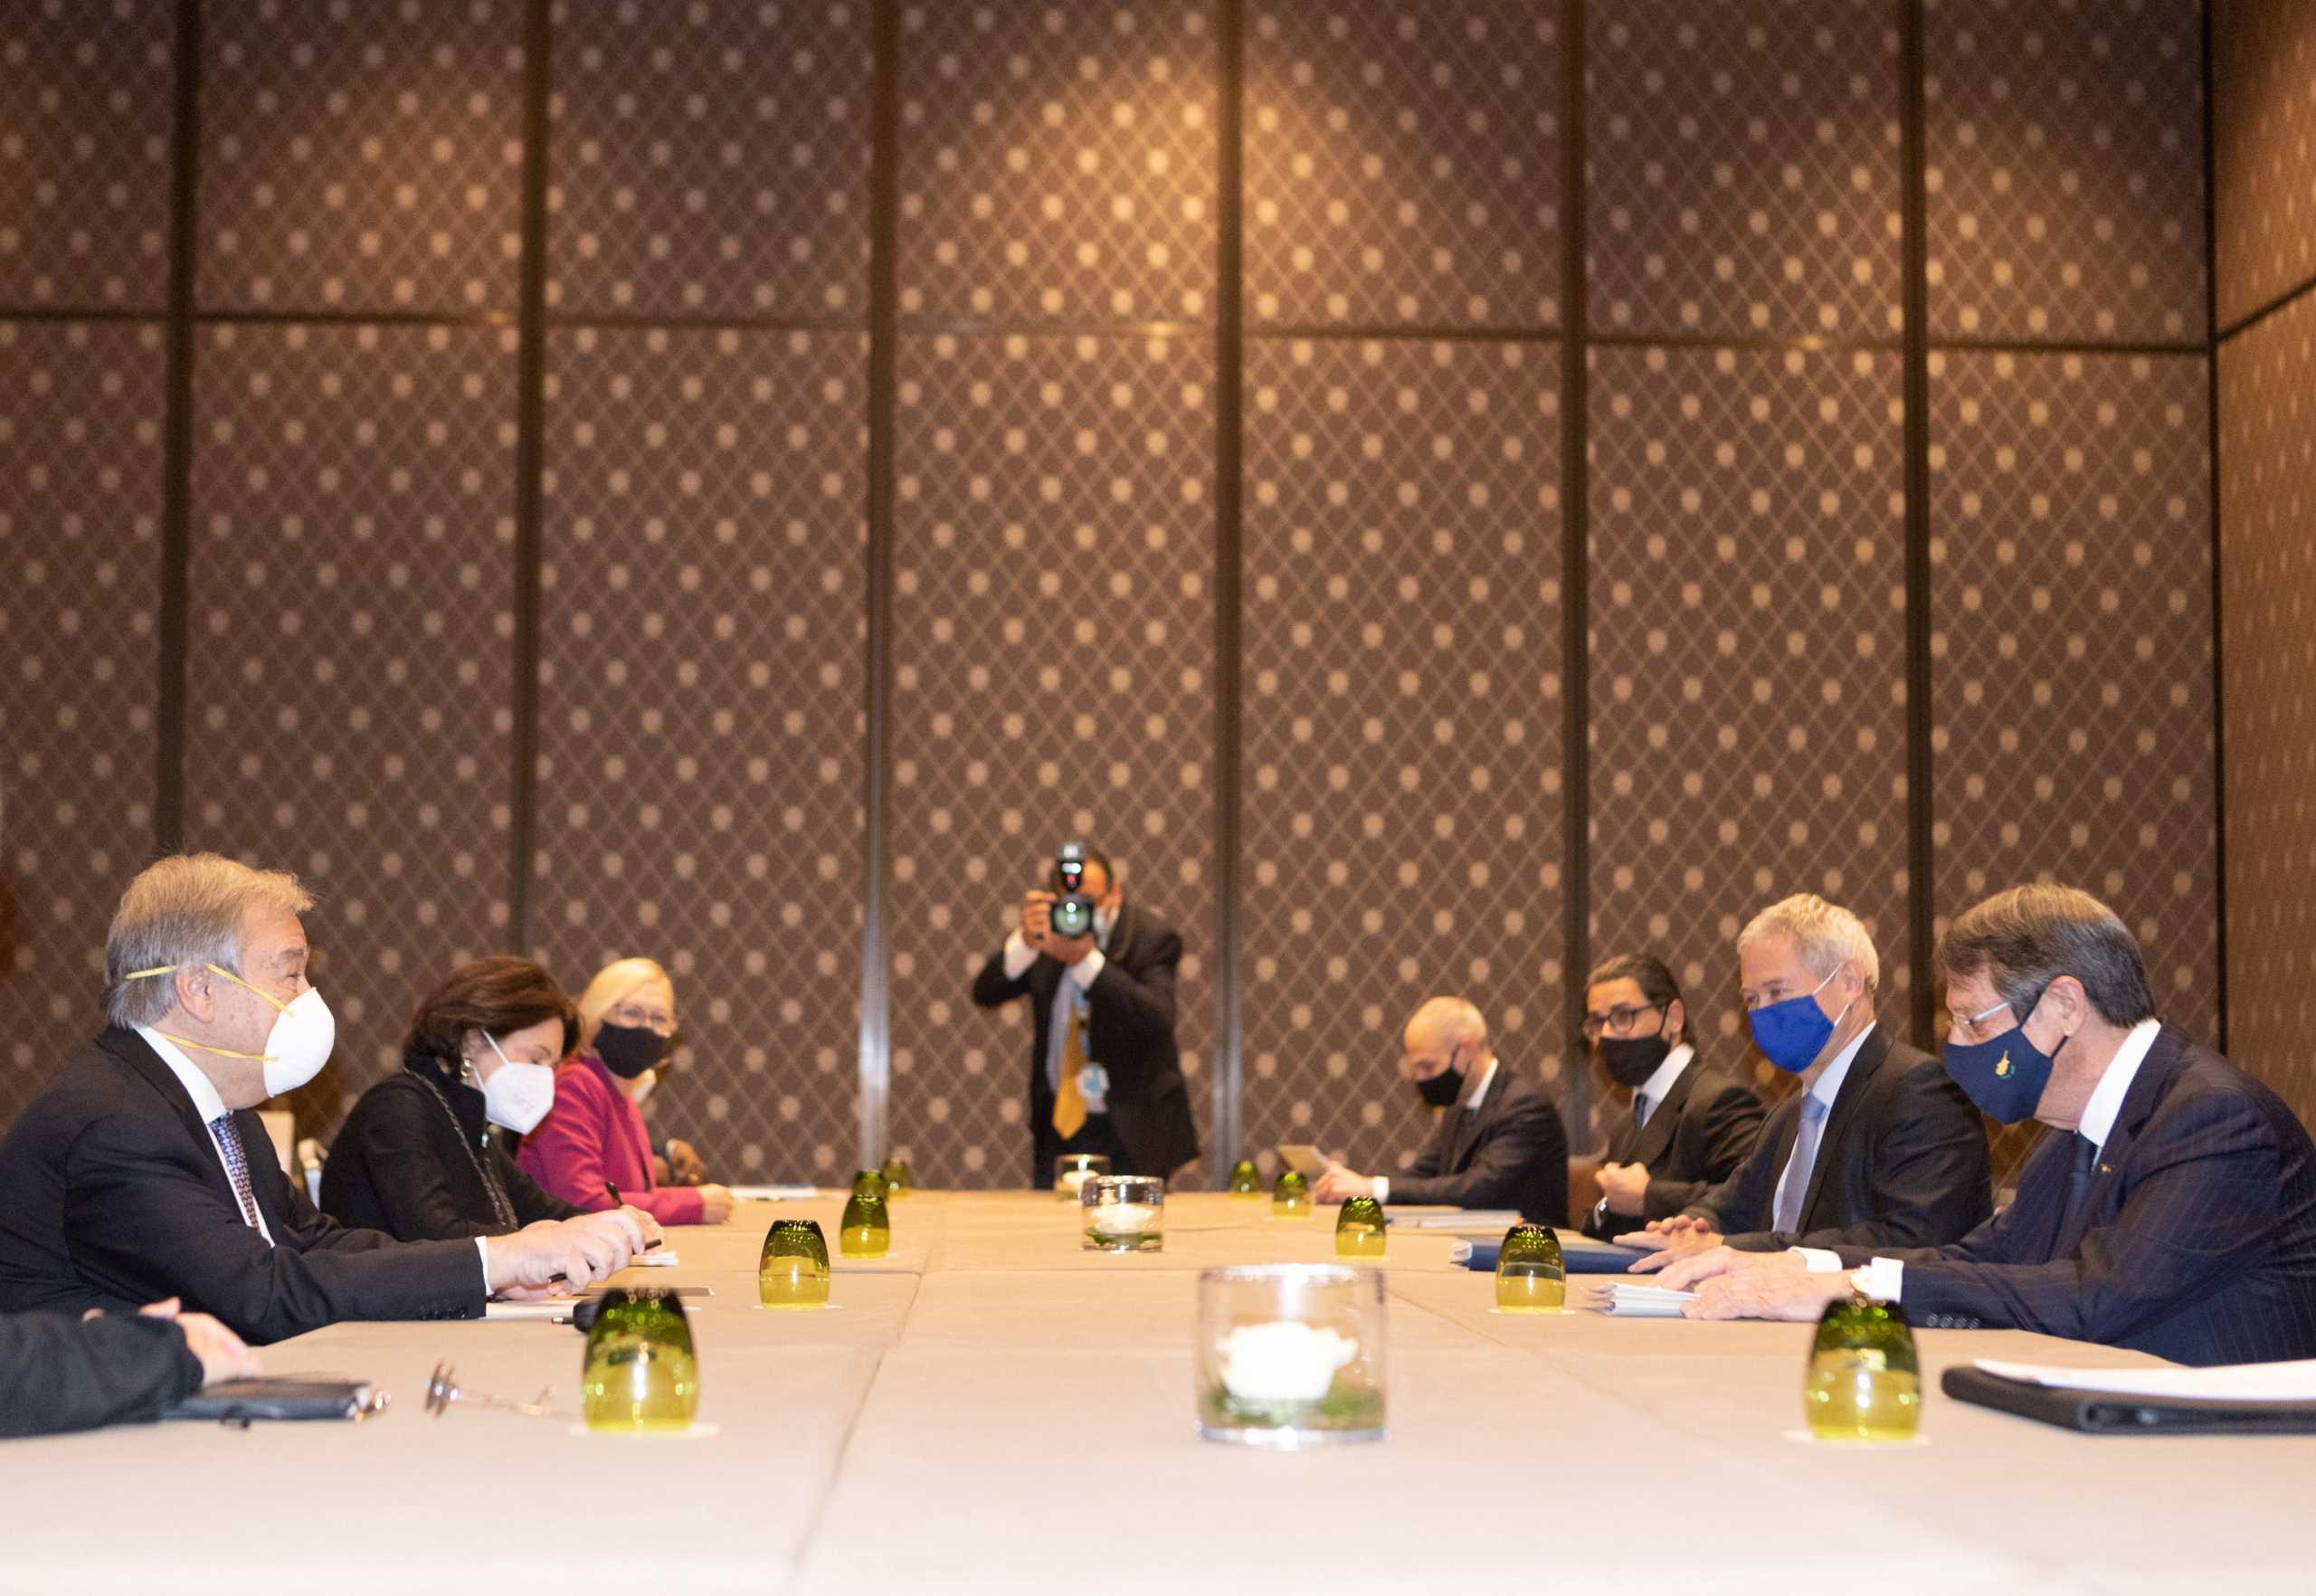 Κυπριακό: Συνομιλίες Αναστασιάδη και Νίκου Δένδια με αξιωματούχους του ΟΗΕ